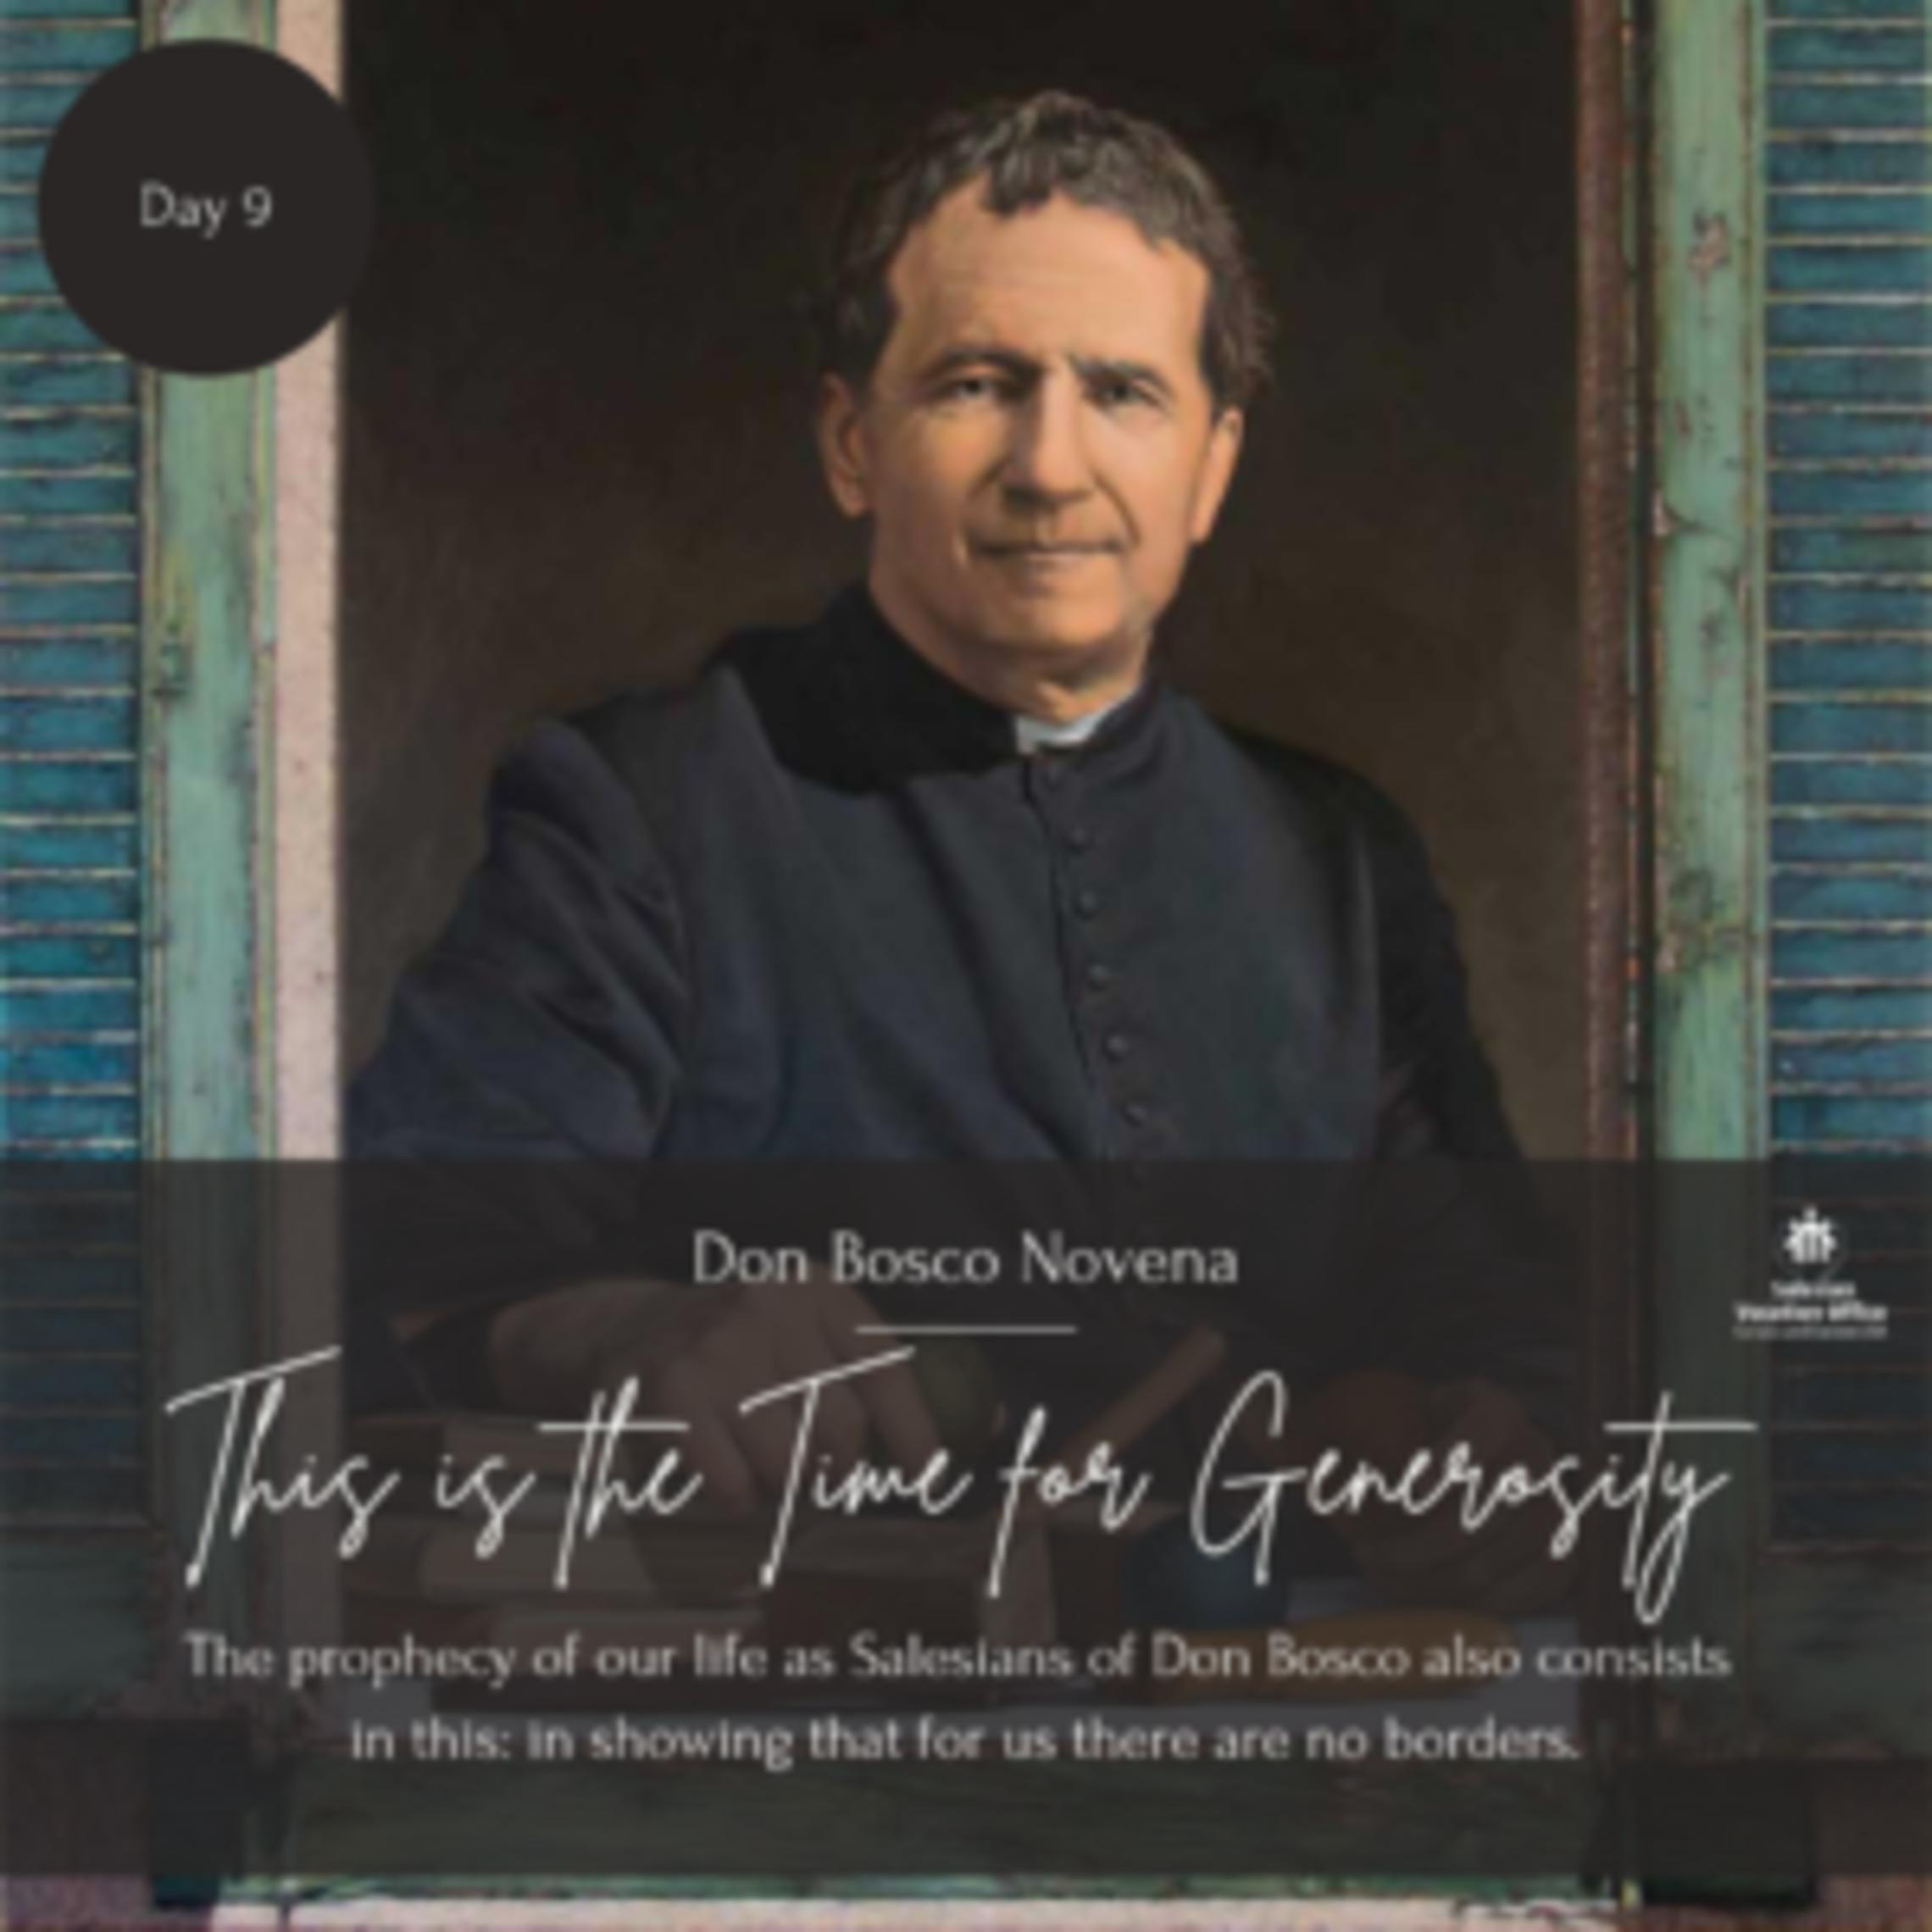 Don Bosco Novena Day 9